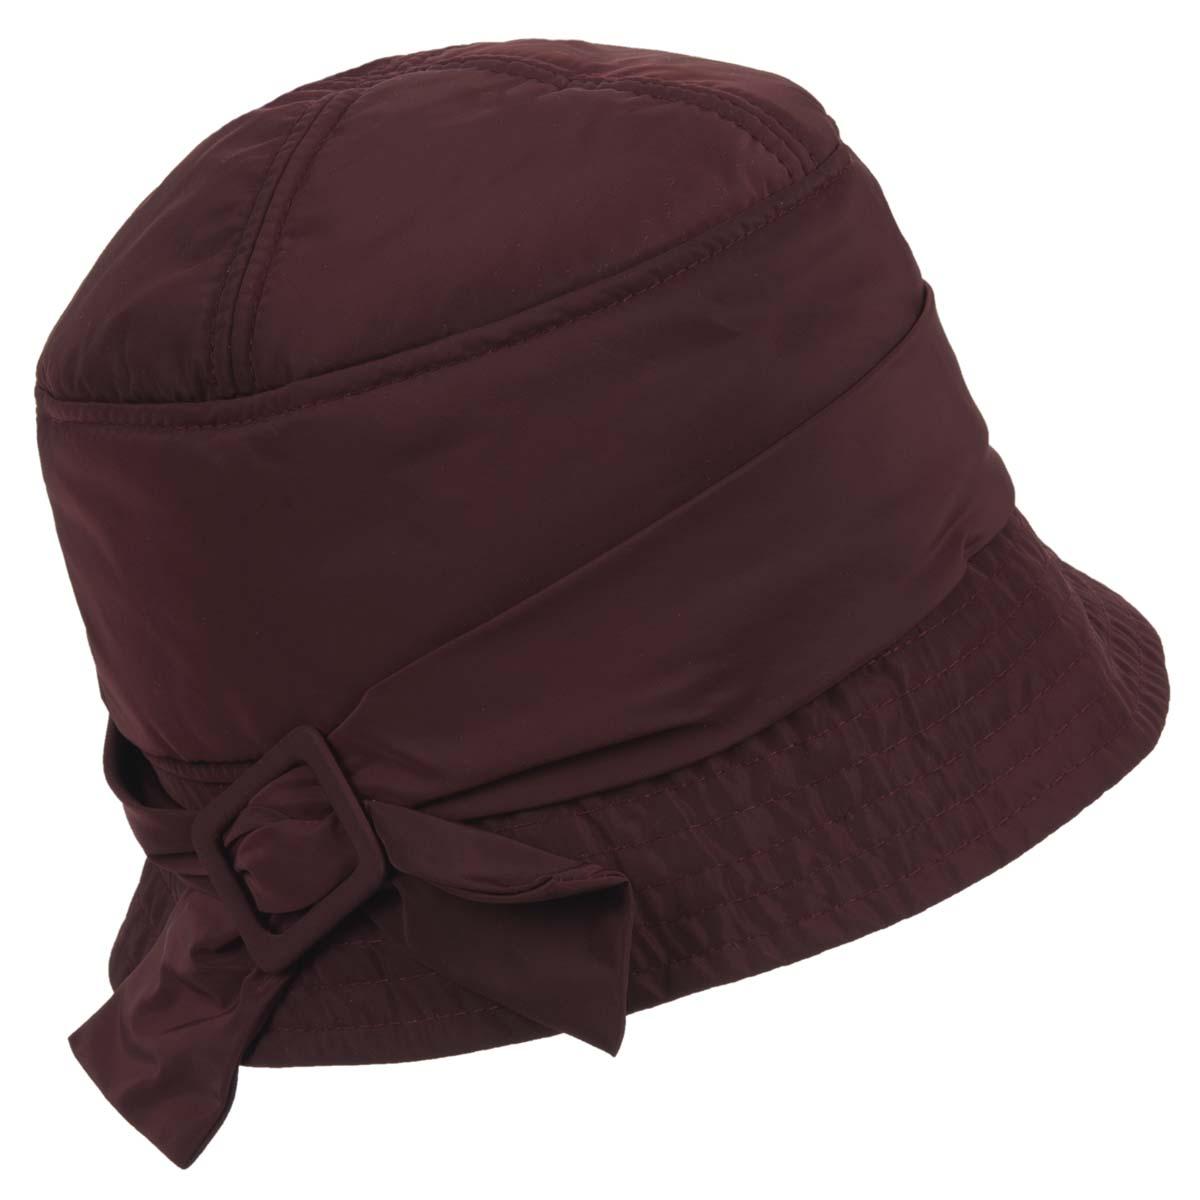 Cappello per la pioggia da donna firmato Alessandra Bacci 98dc4087192c